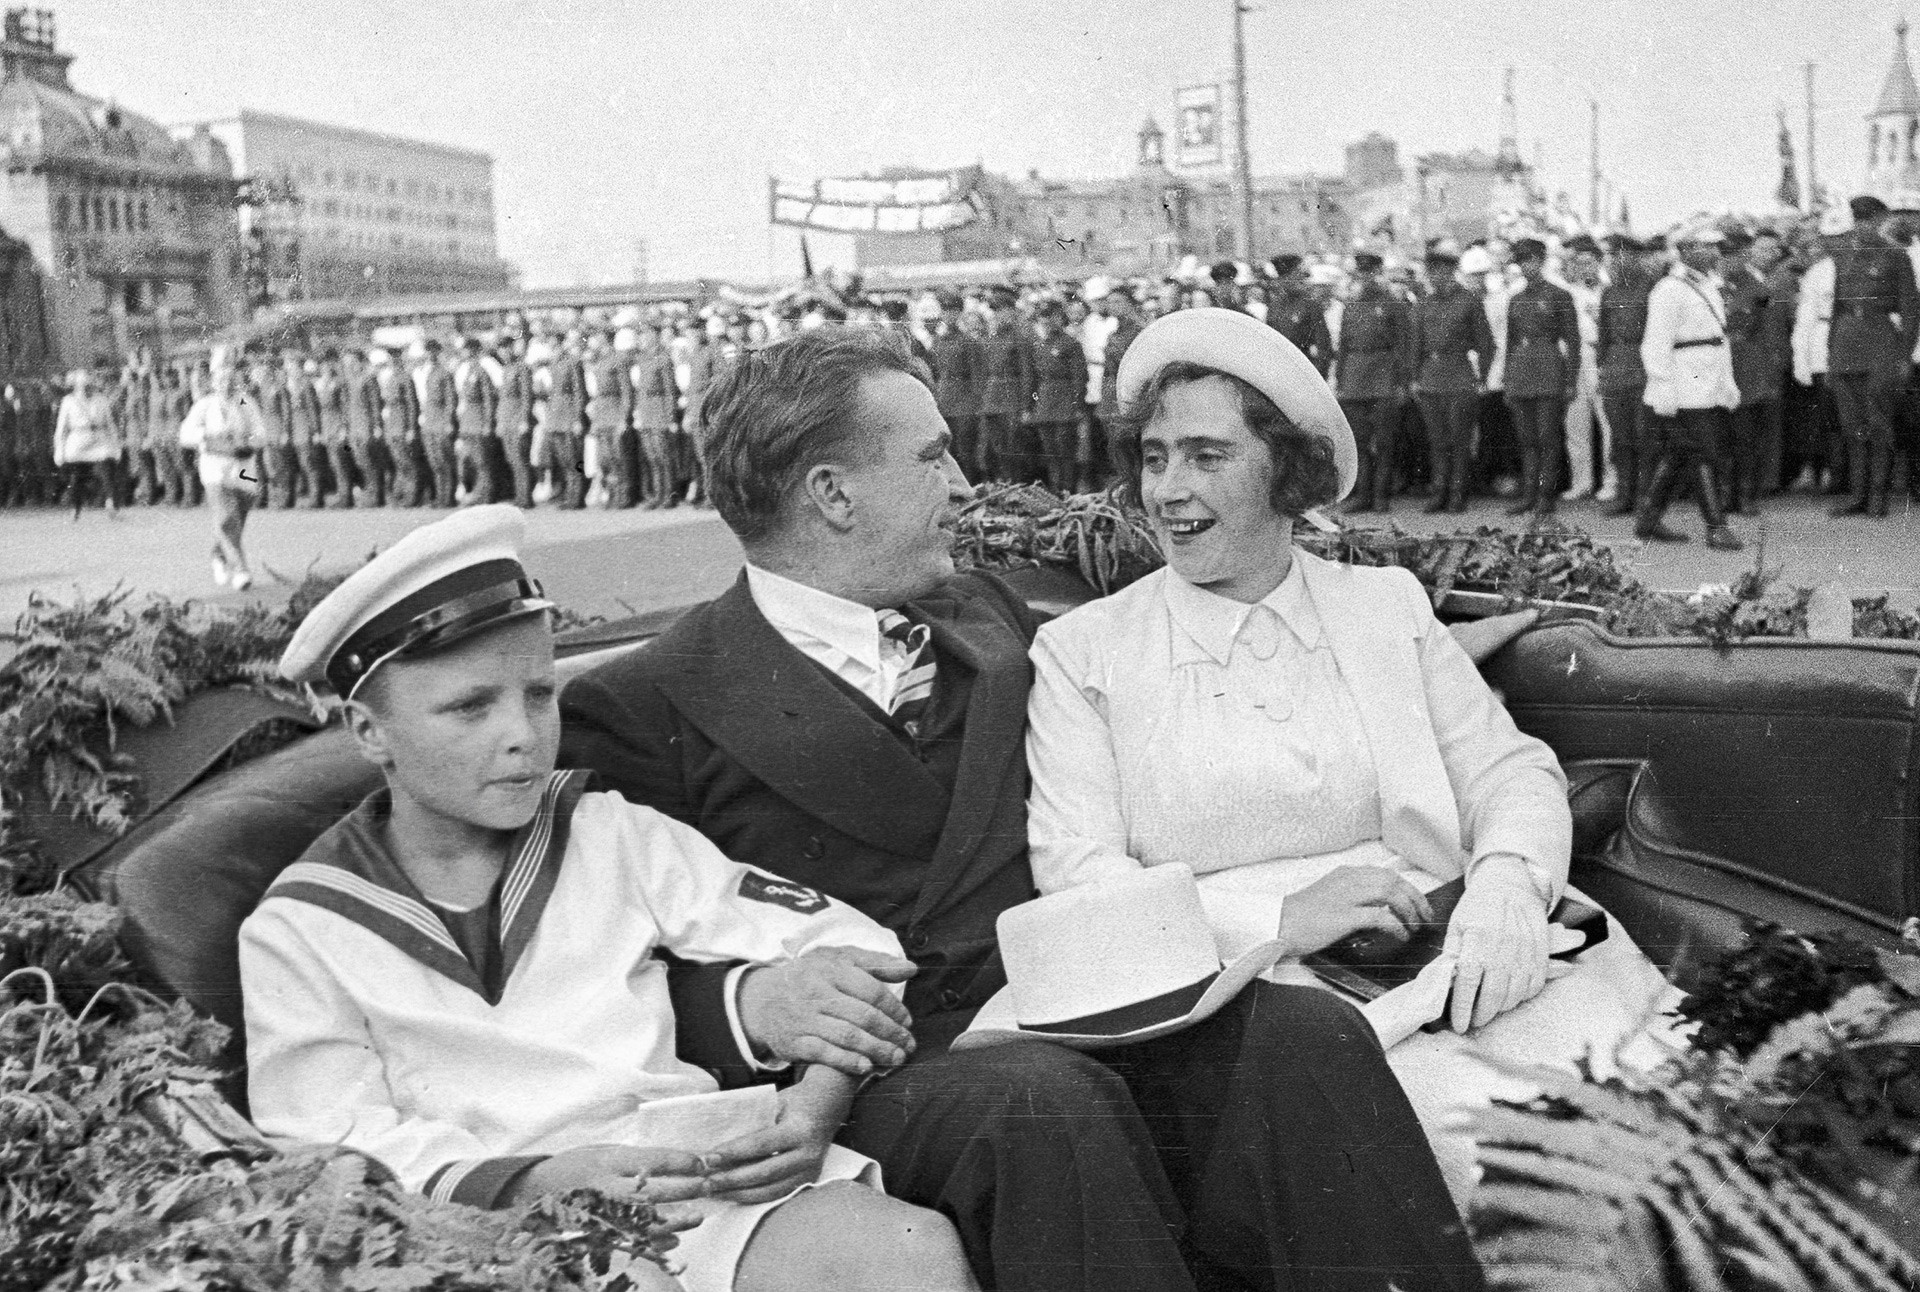 妻オリガと息子イーゴリとのヴァレリー・チカロフ、モスクワー北極ーバンクーバーの飛行後。ベロルースキー駅での歓迎。1937 年7 月12-14日。